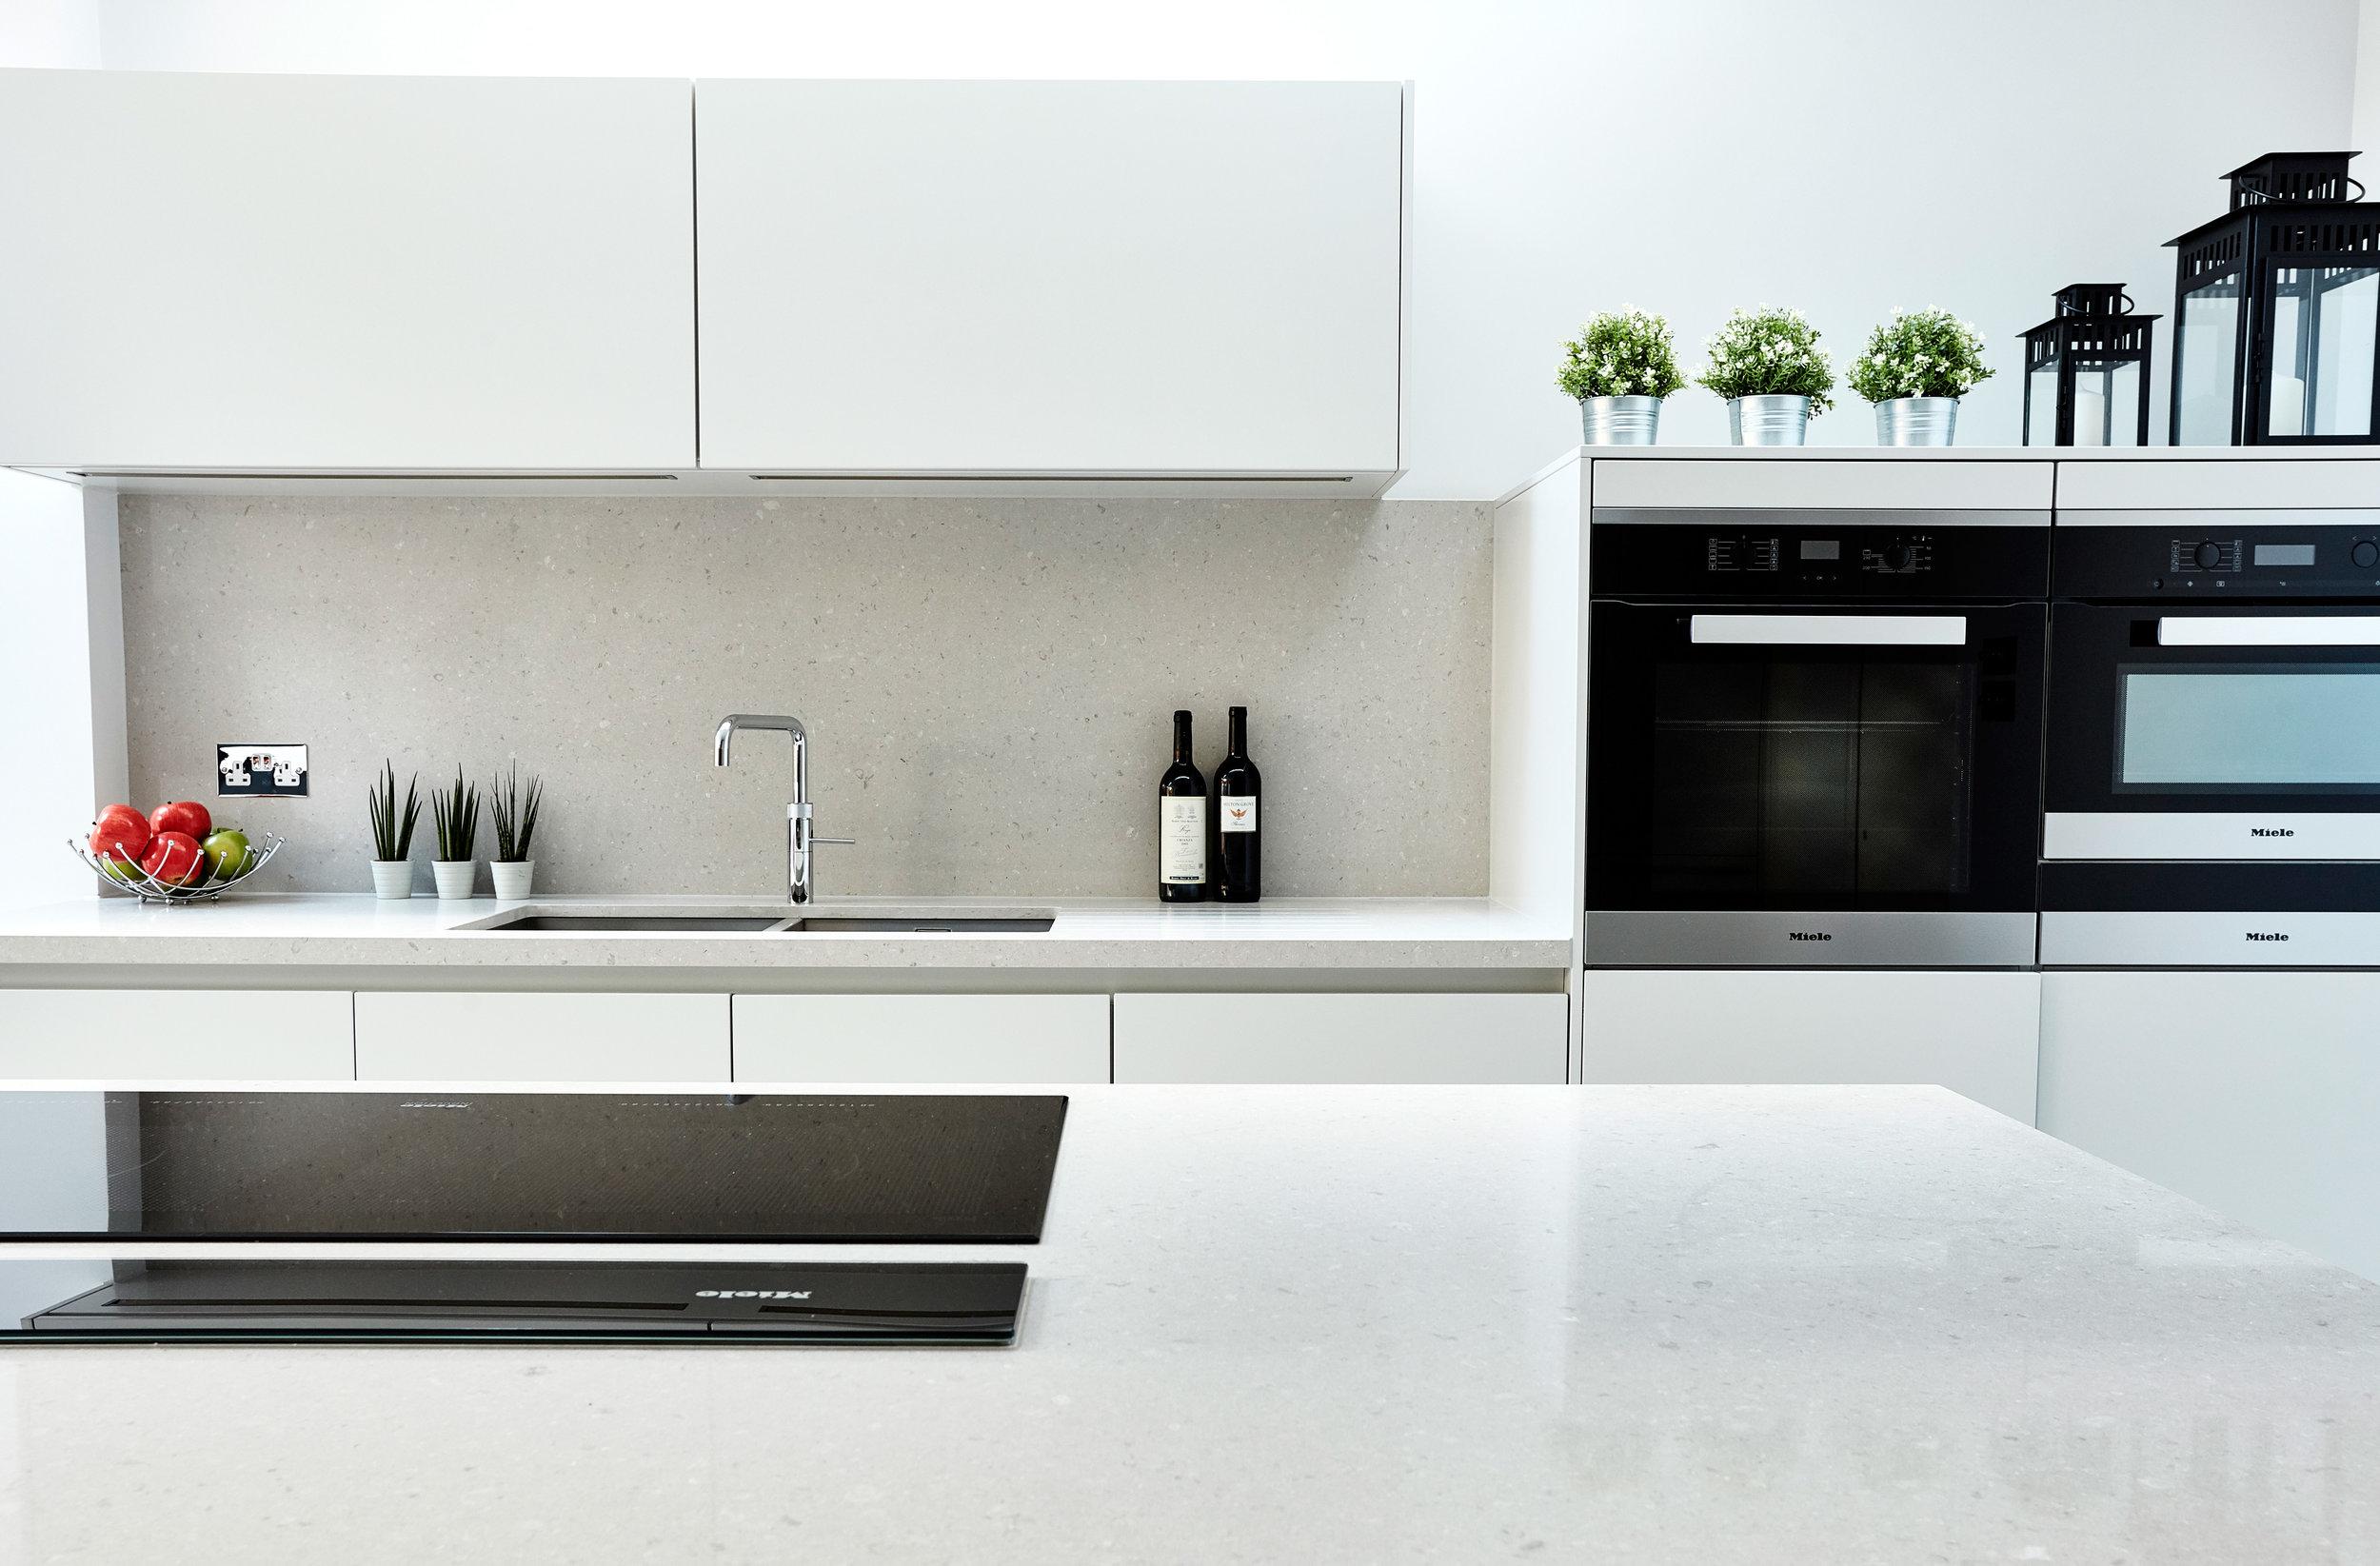 kitchen_modern_interior_worktop.jpg